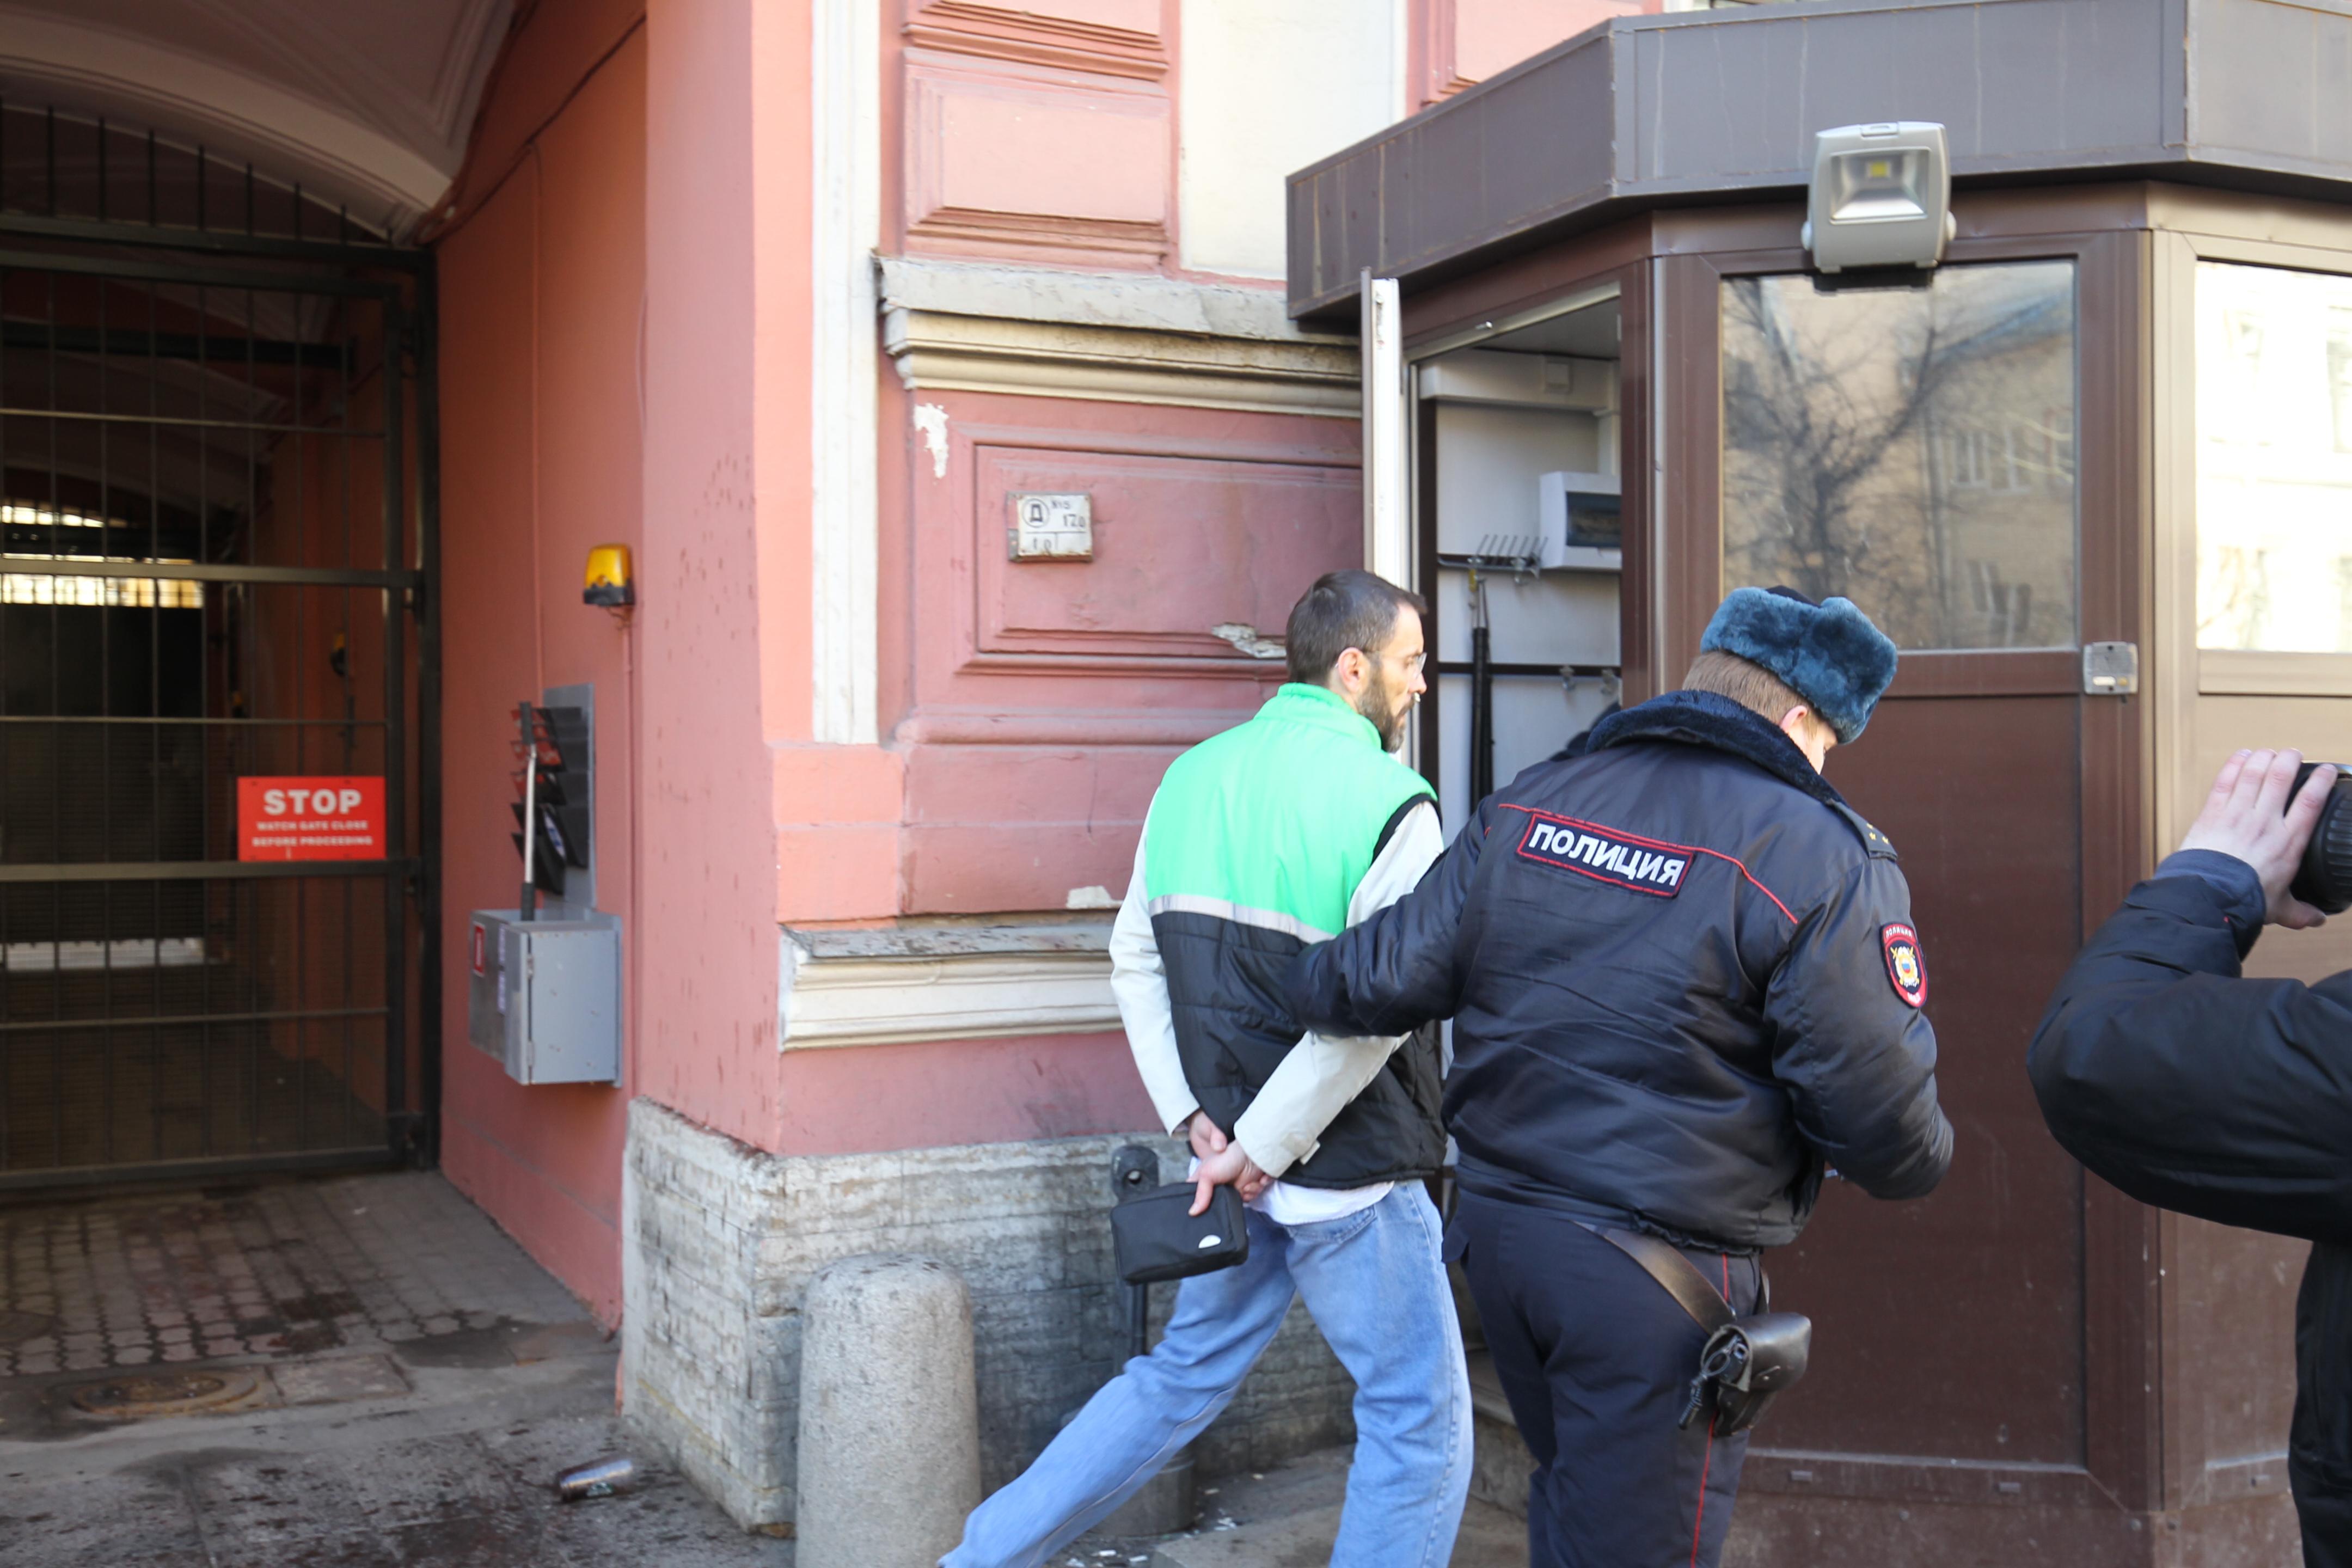 задержание у генконсульства США, генконсульство США в Петербурге